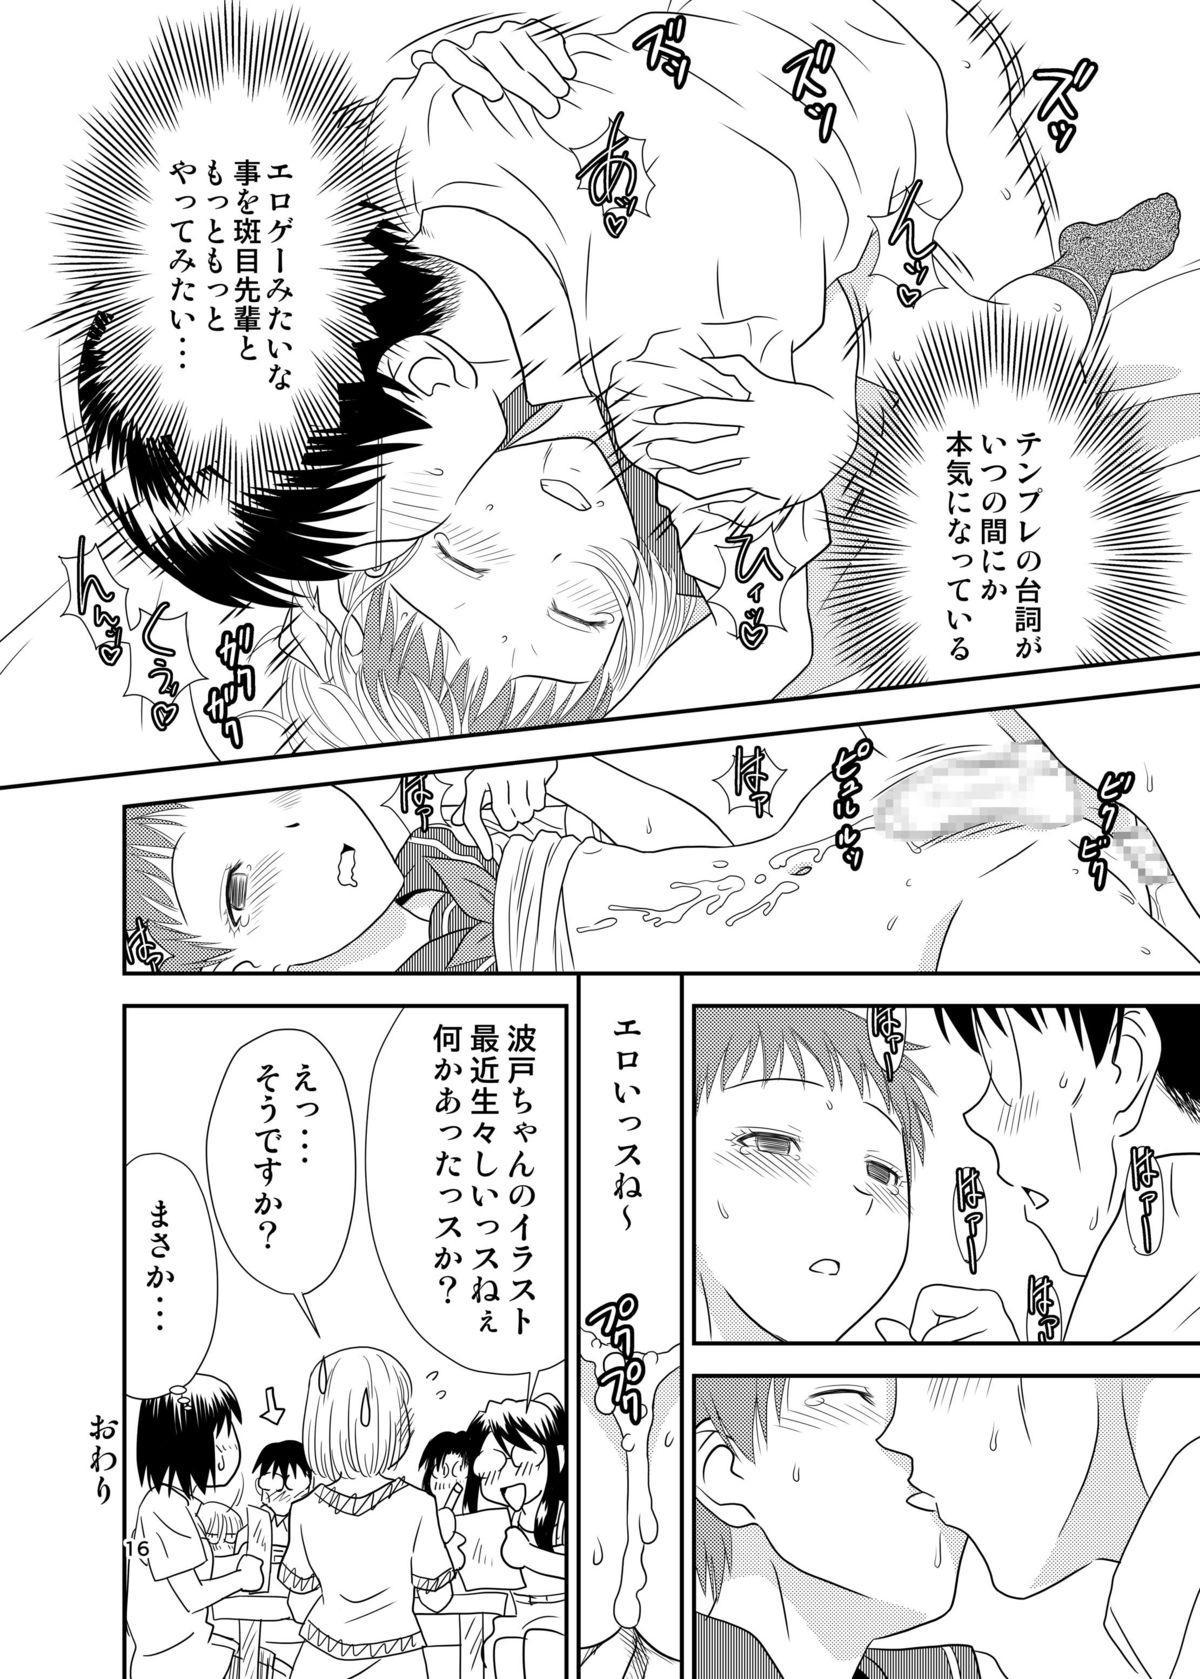 Genshiken no Hon 14